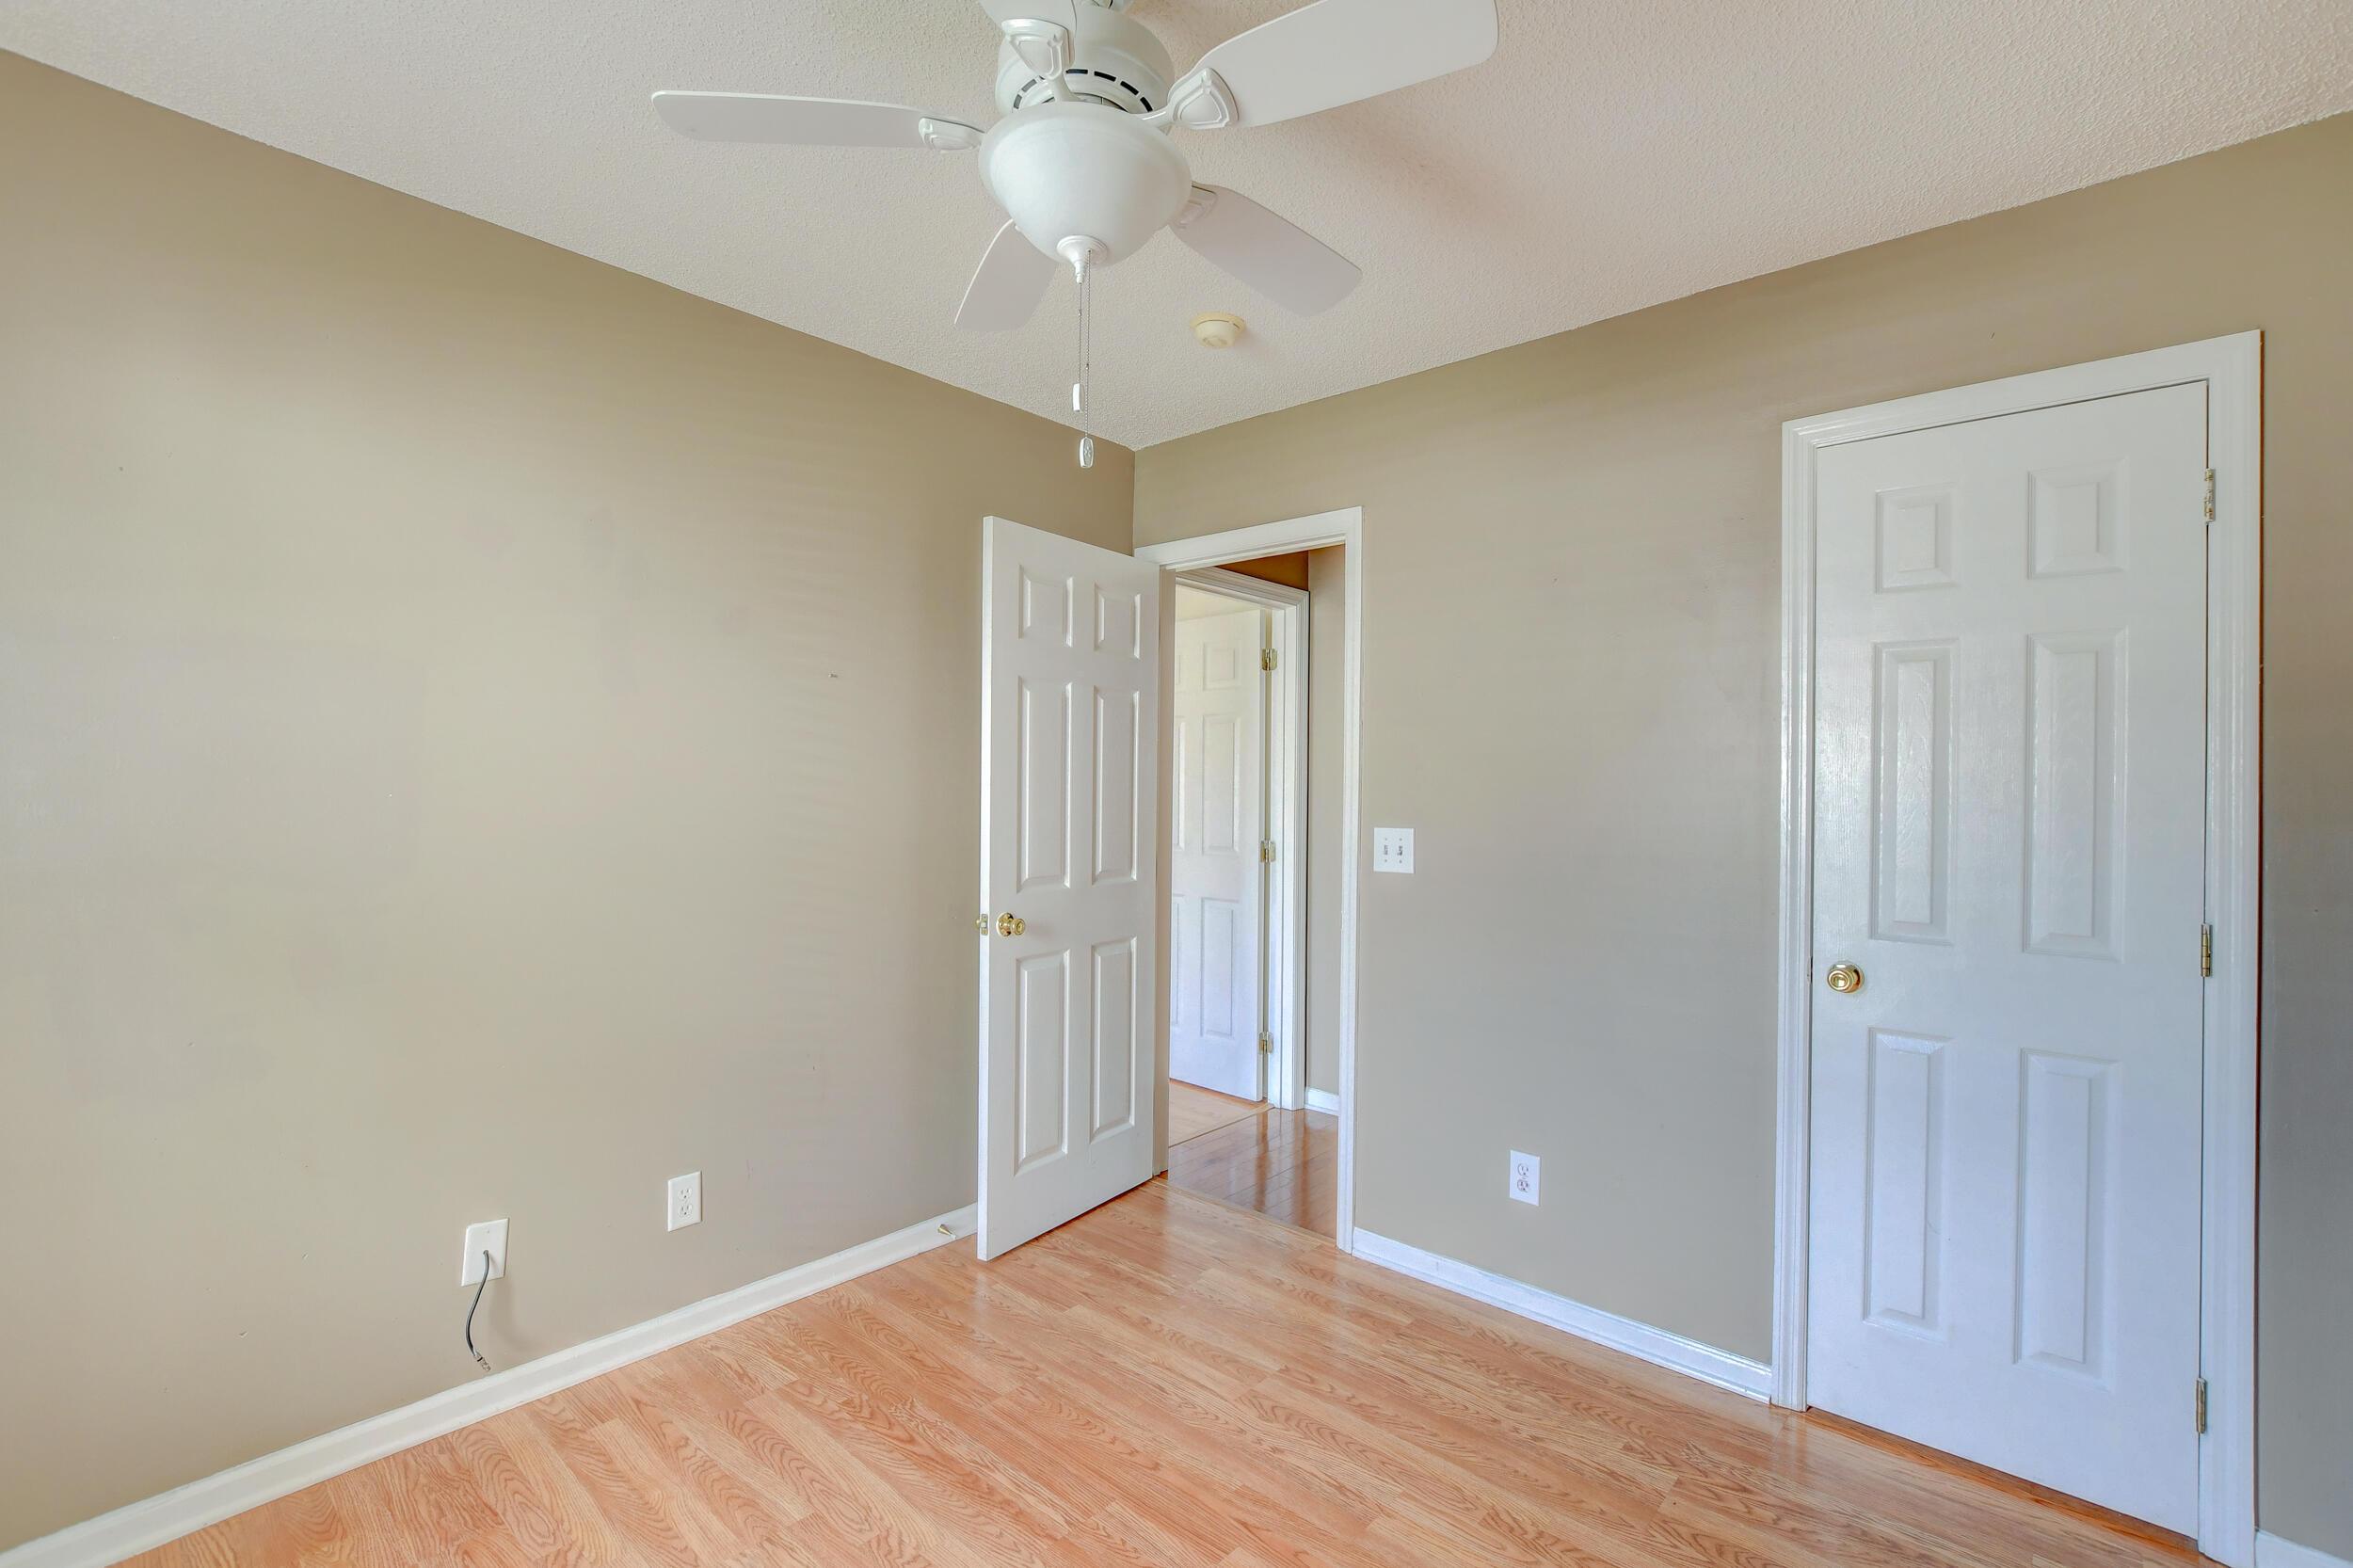 Crowfield Plantation Homes For Sale - 1010 Longview, Goose Creek, SC - 21